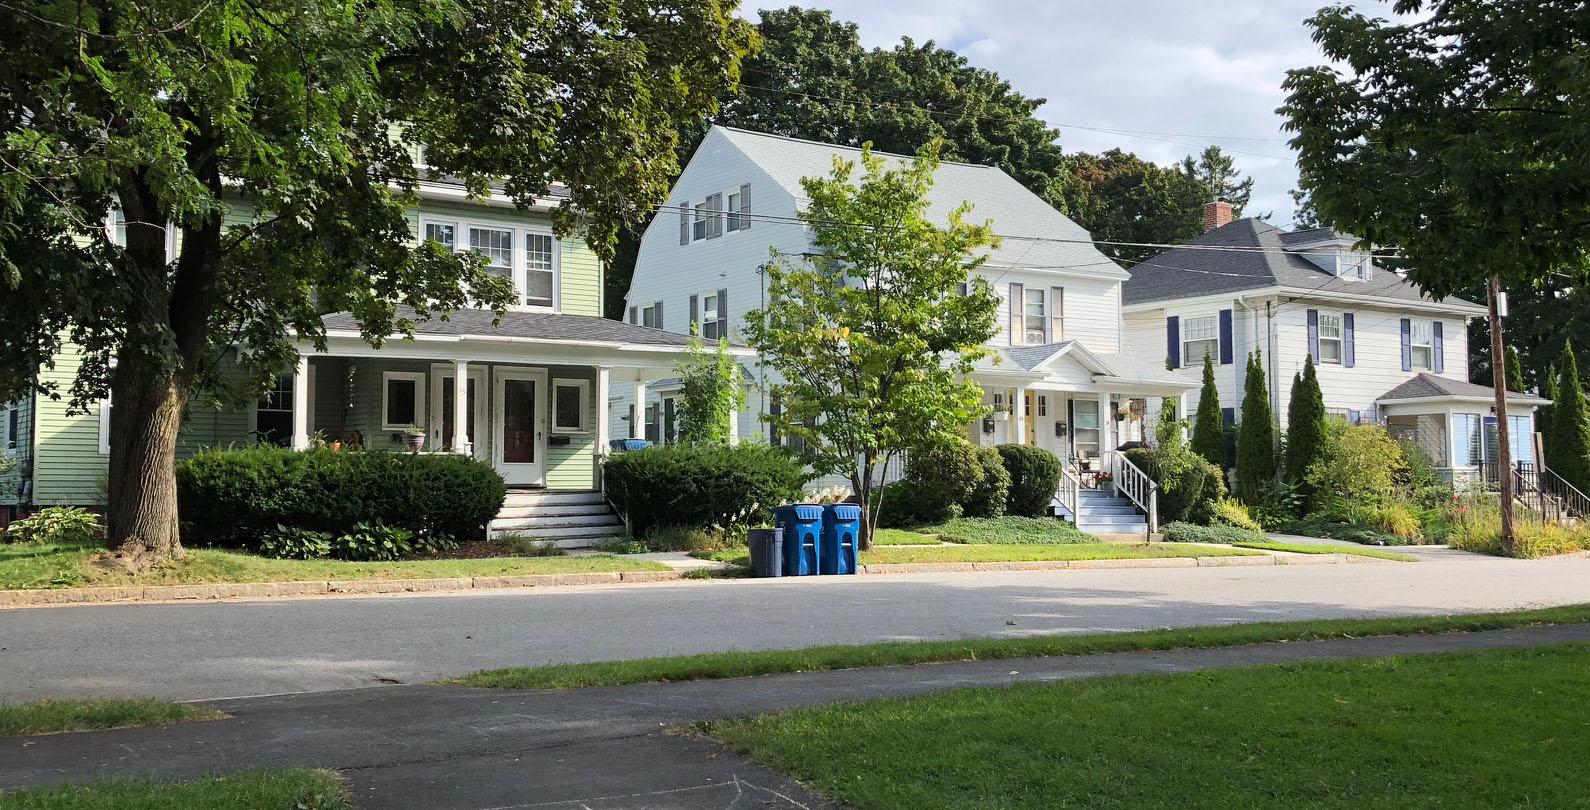 a row of Portland houses